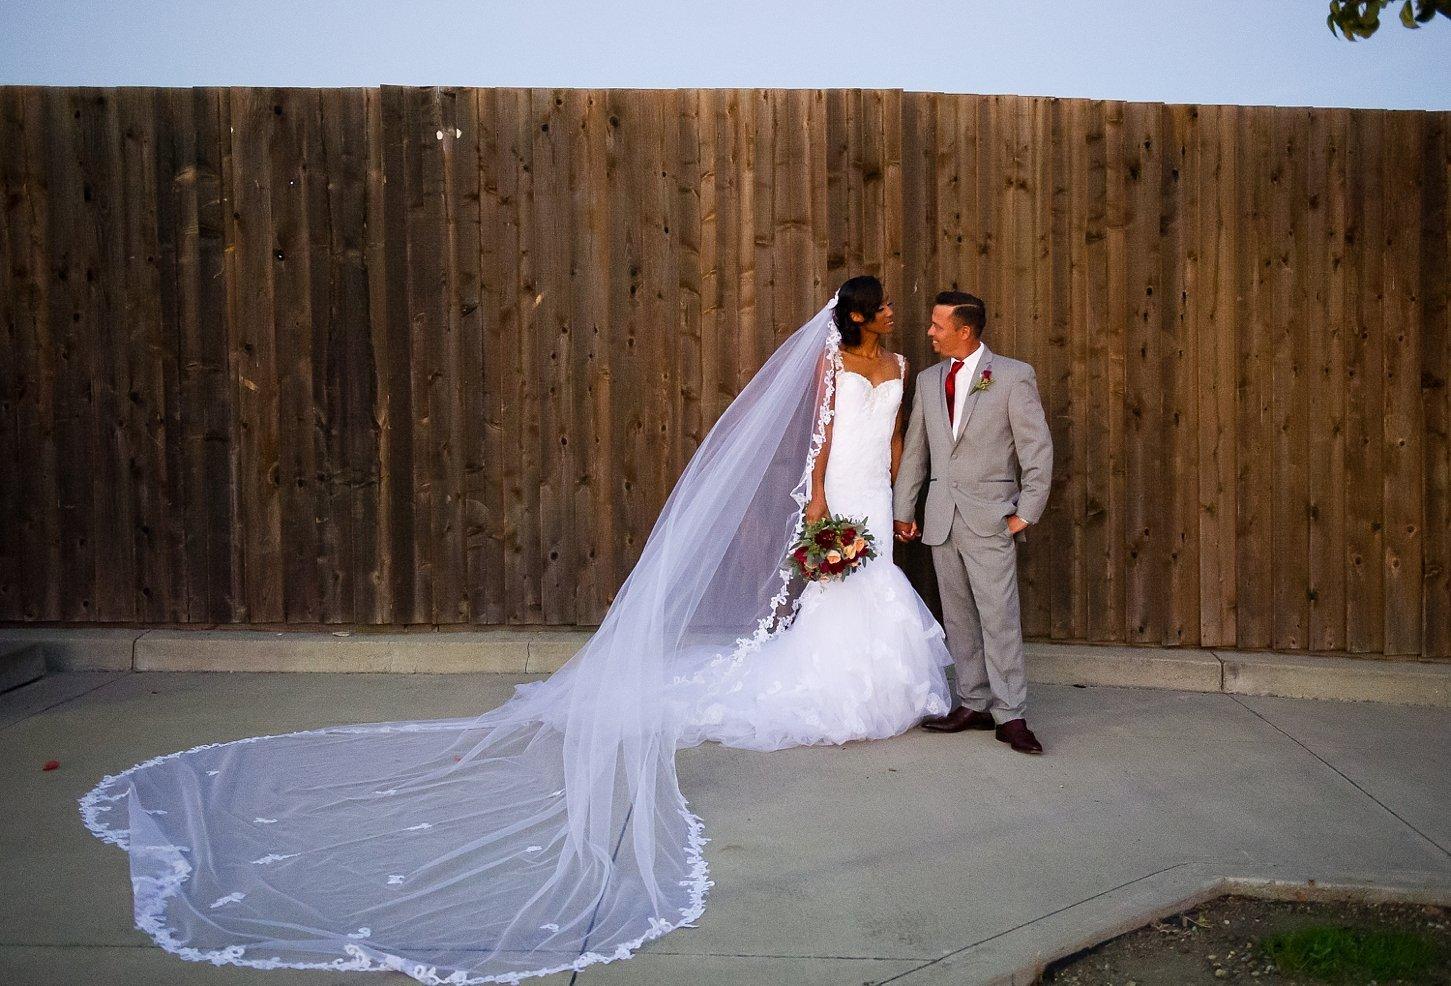 Chloe-Jackman-Photography-Alameda-Wedding-2017.3847